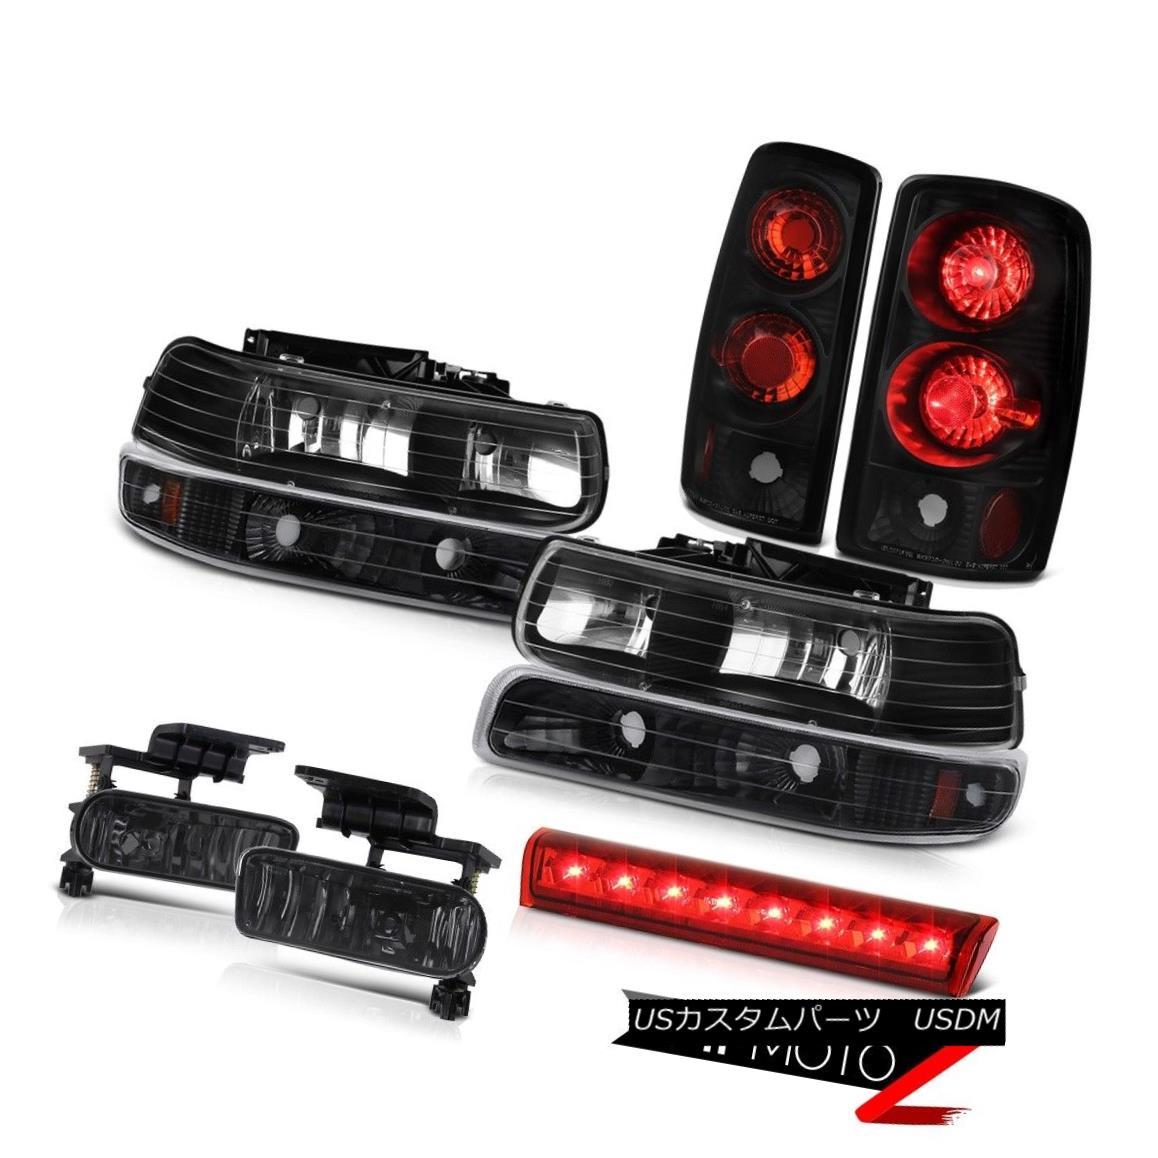 テールライト 00-06 Chevy Suburban LS Red clear high stop lamp fog lamps tail Headlamps LED 00-06シボレー郊外LSレッドクリアハイストップランプフォグランプテールヘッドランプLED